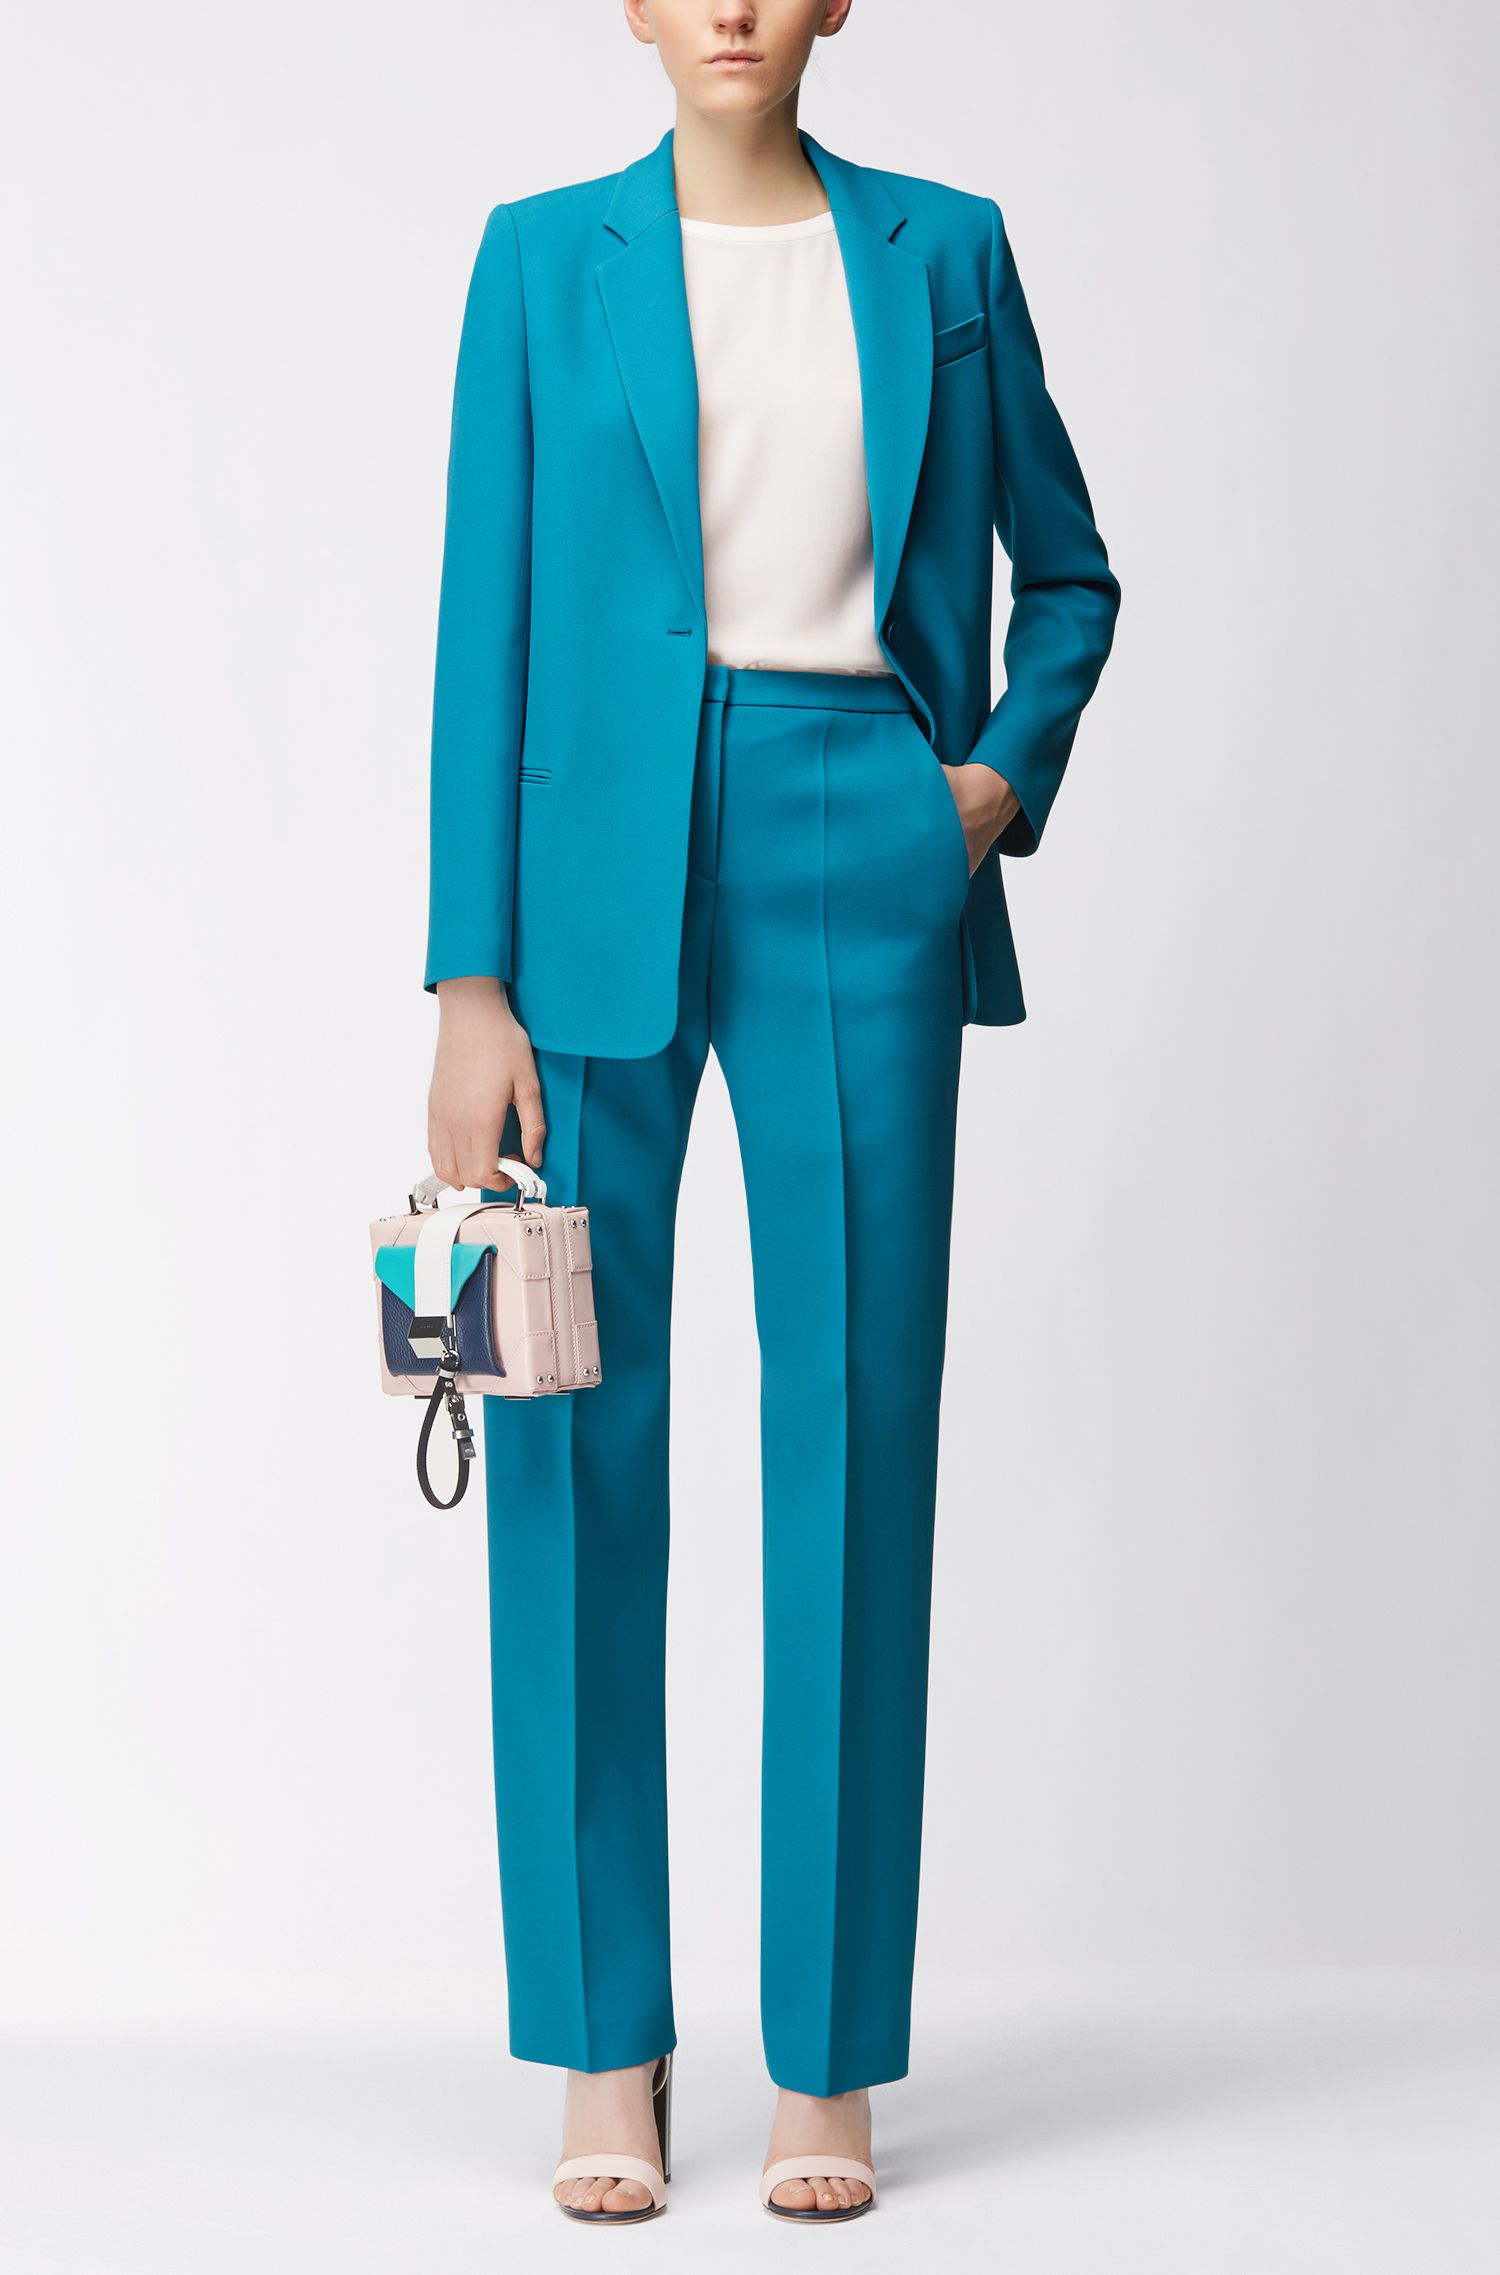 Regular-fit broek met wijde pijpen uit de Gallery Collectie